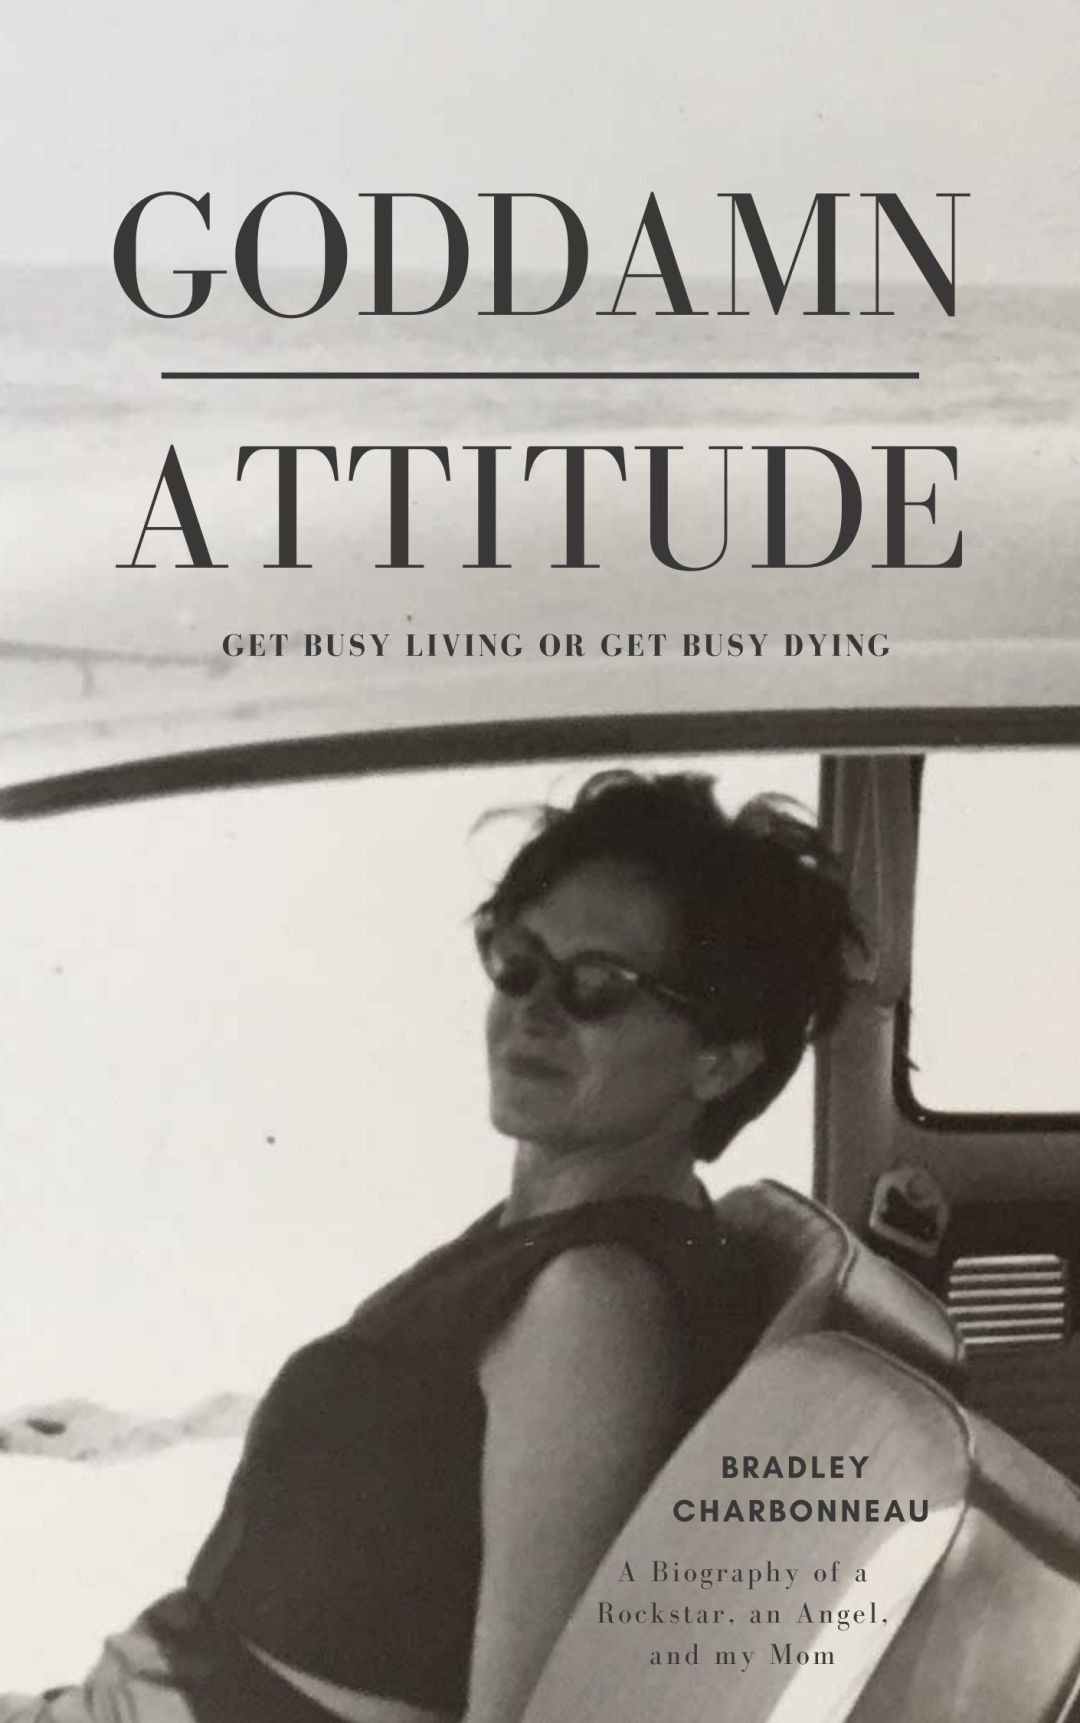 Goddamn Attitude